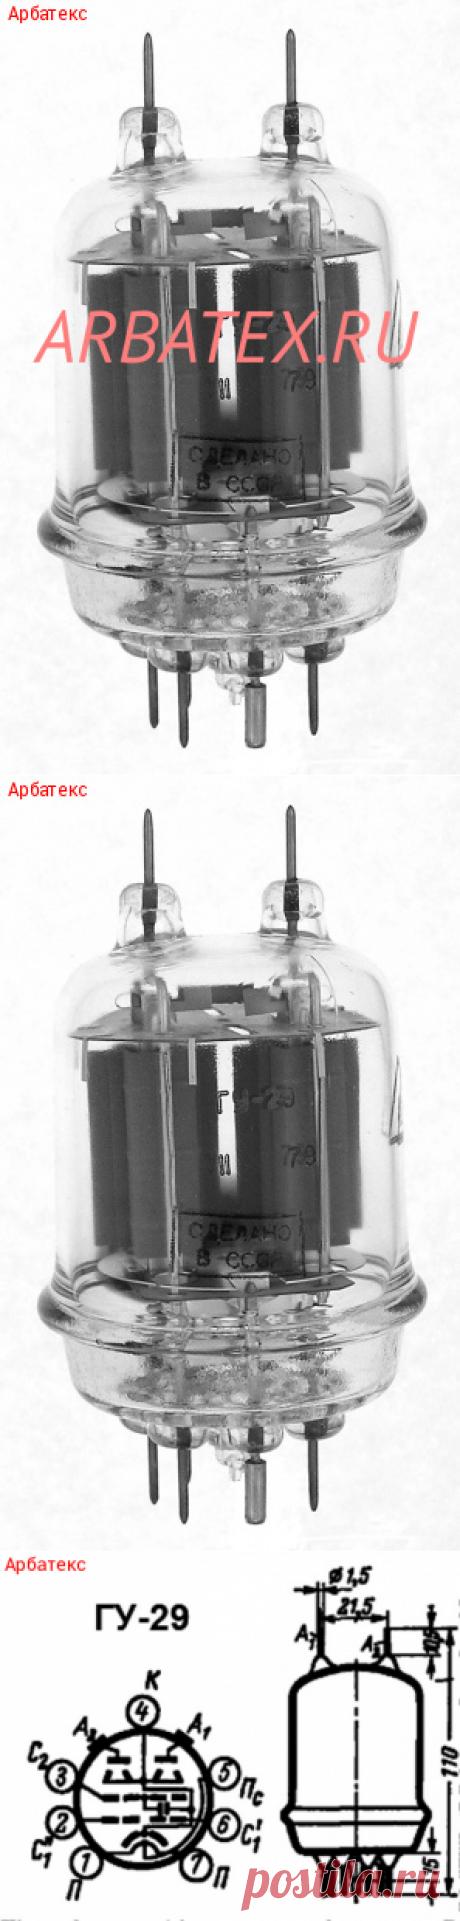 ГУ-29 генераторный двойной лучевой тетрод, цена, описание